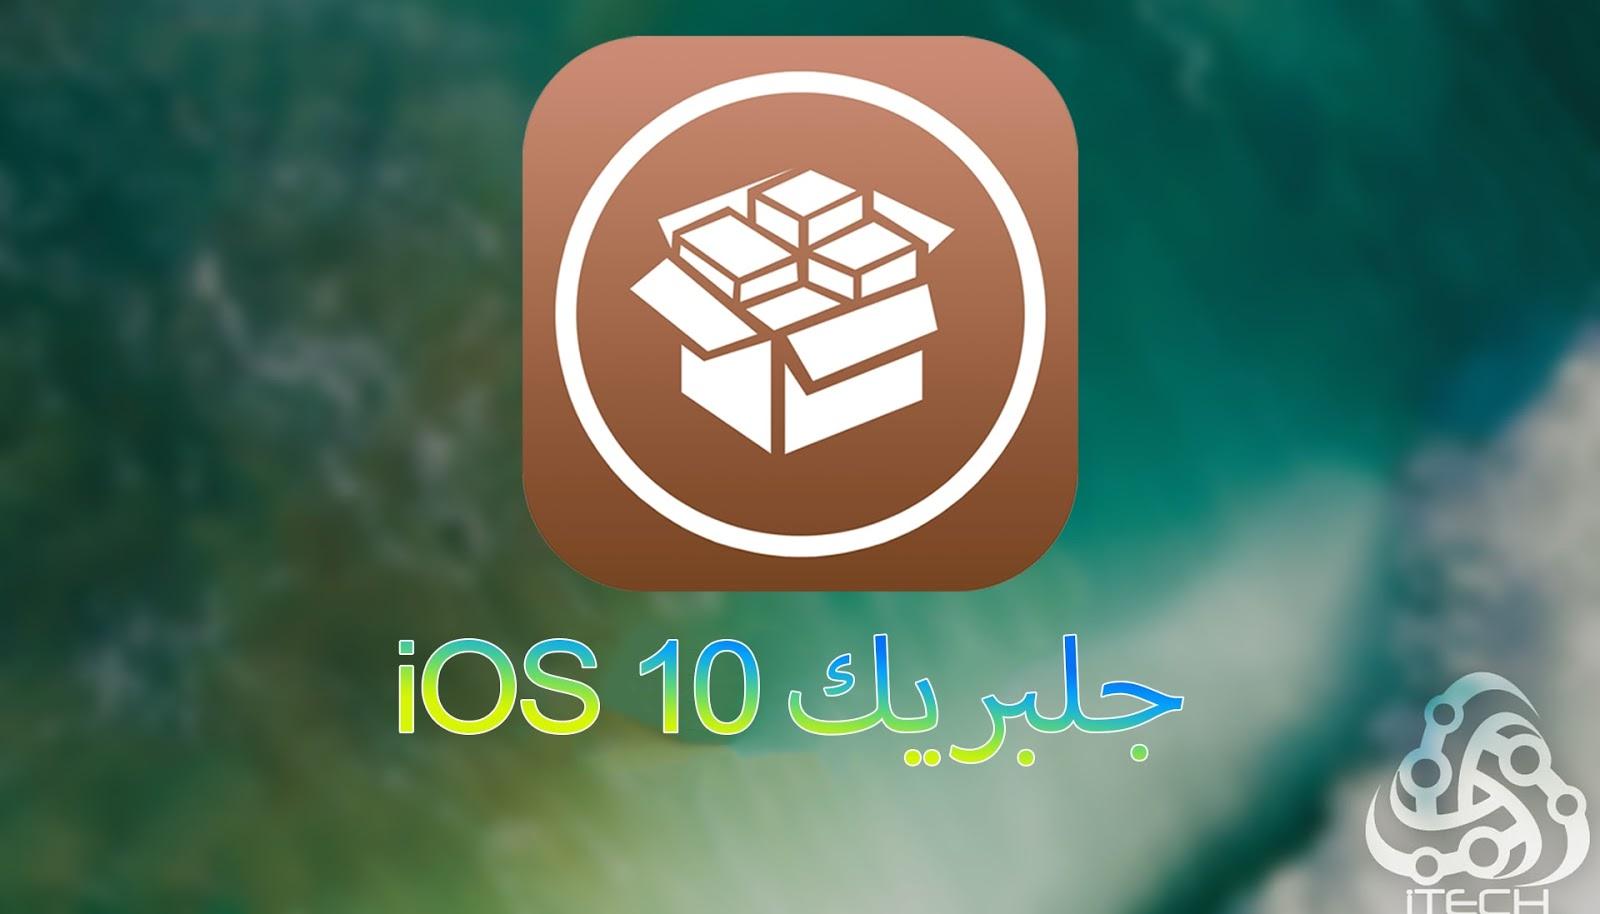 استعراض جلبريك iOS 10 على الآيفون 7 بلس